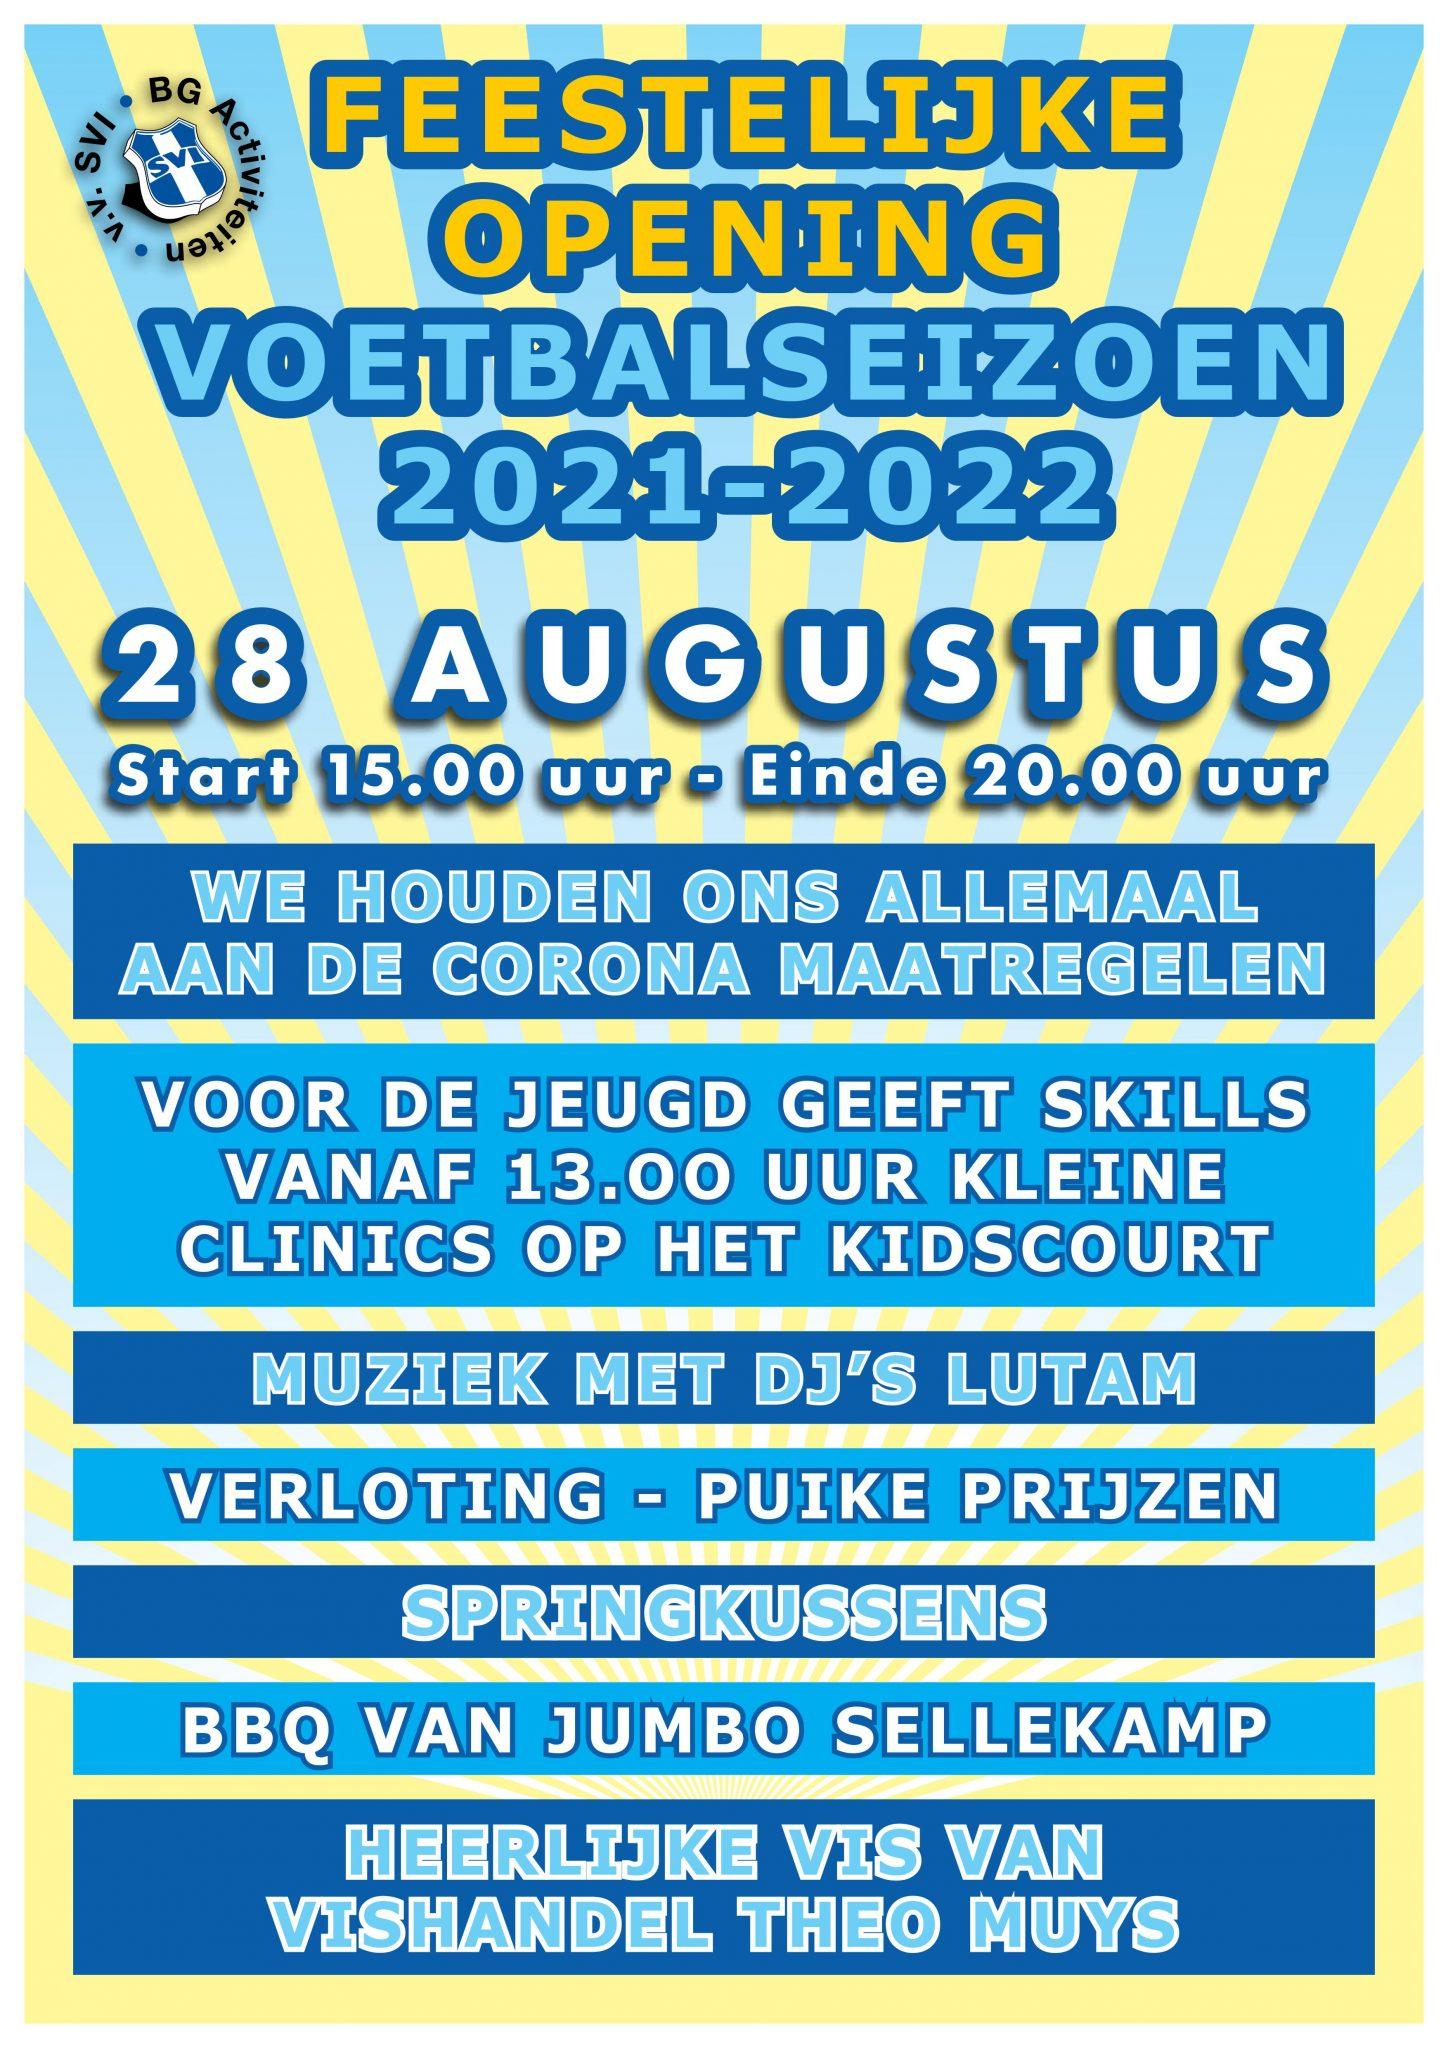 Opening seizoen 2021-2022 op 28 augustus